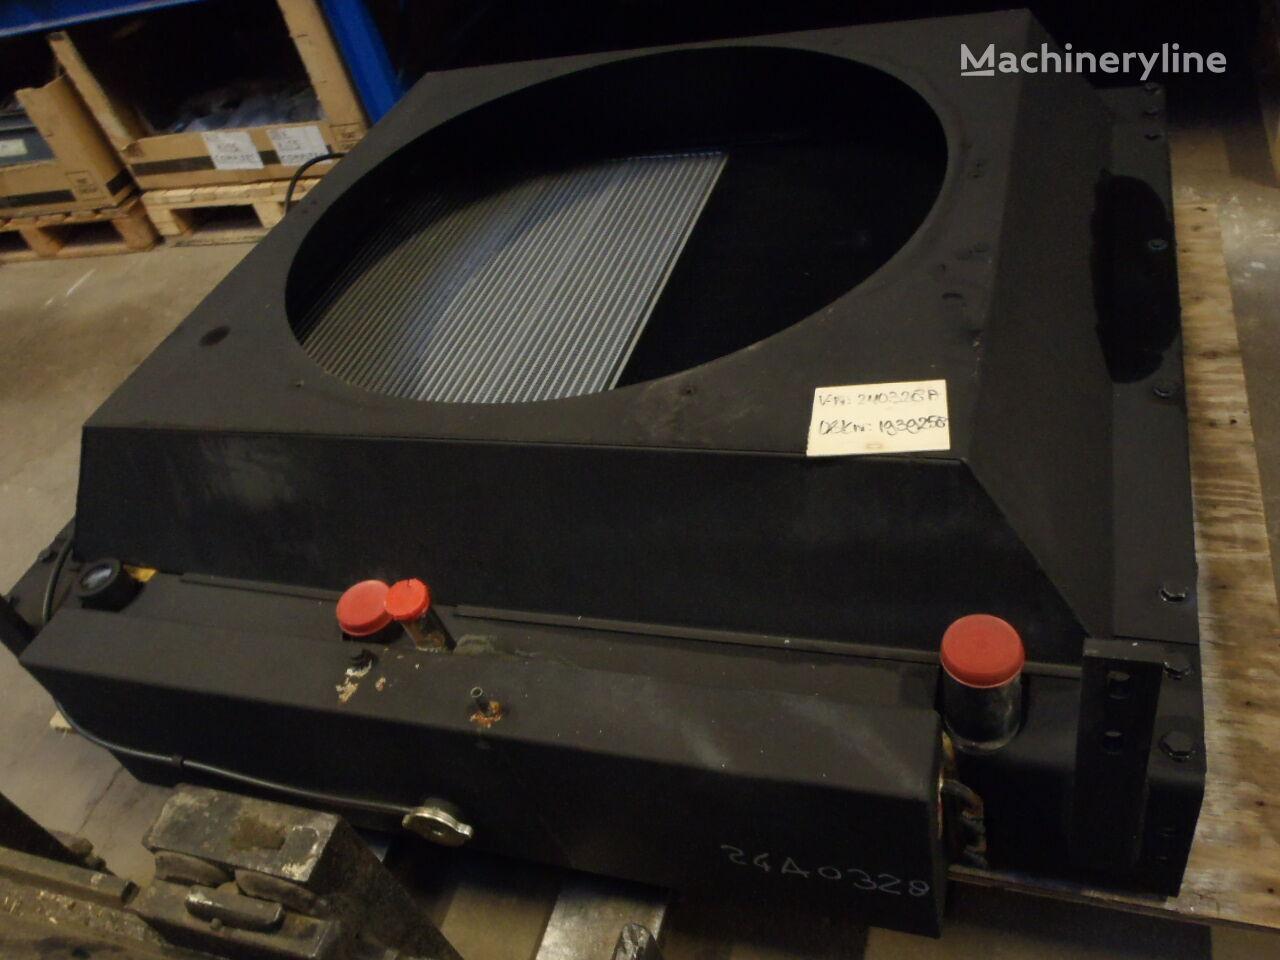 uus ventilaatori kest O&K tüübi jaoks ekskavaatori O&K